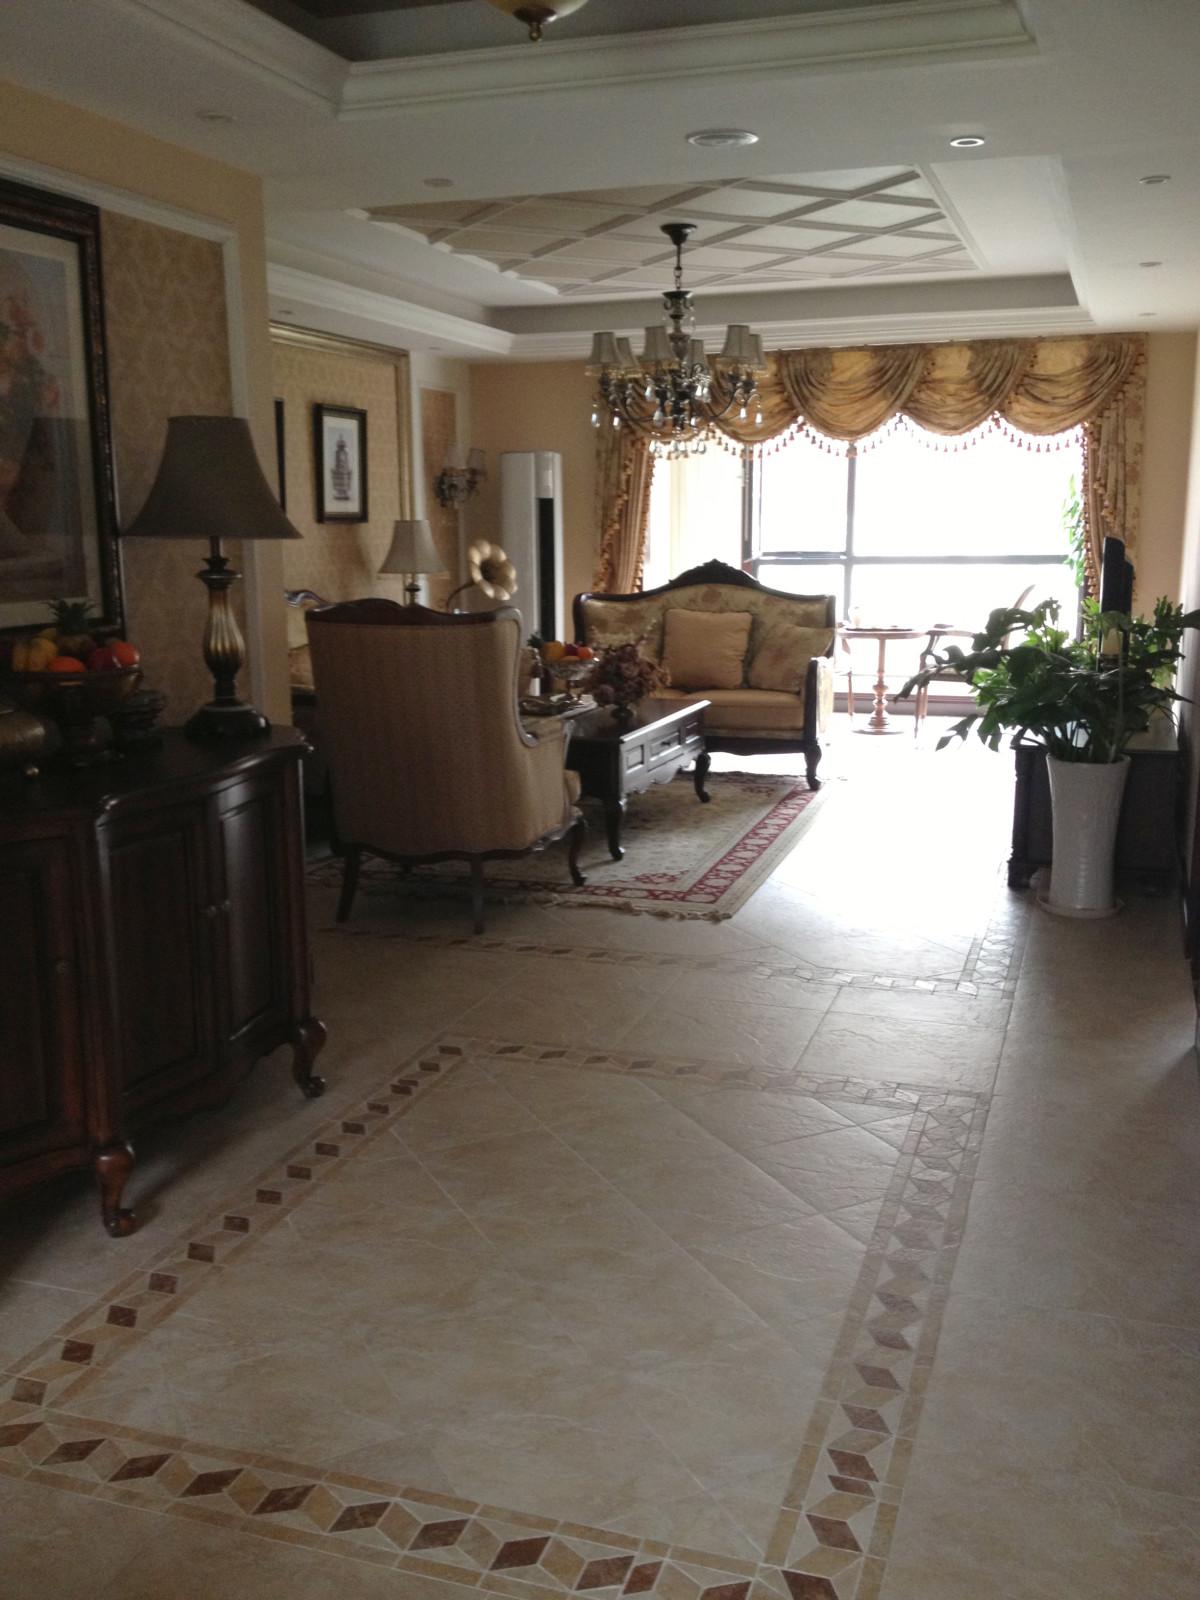 元洲装饰 美式风格 山语城 别墅 旧房改造 欧式 混搭 元洲 居然元洲 客厅图片来自北京居然元洲装饰小尼在山语城160平美式风格实景的分享